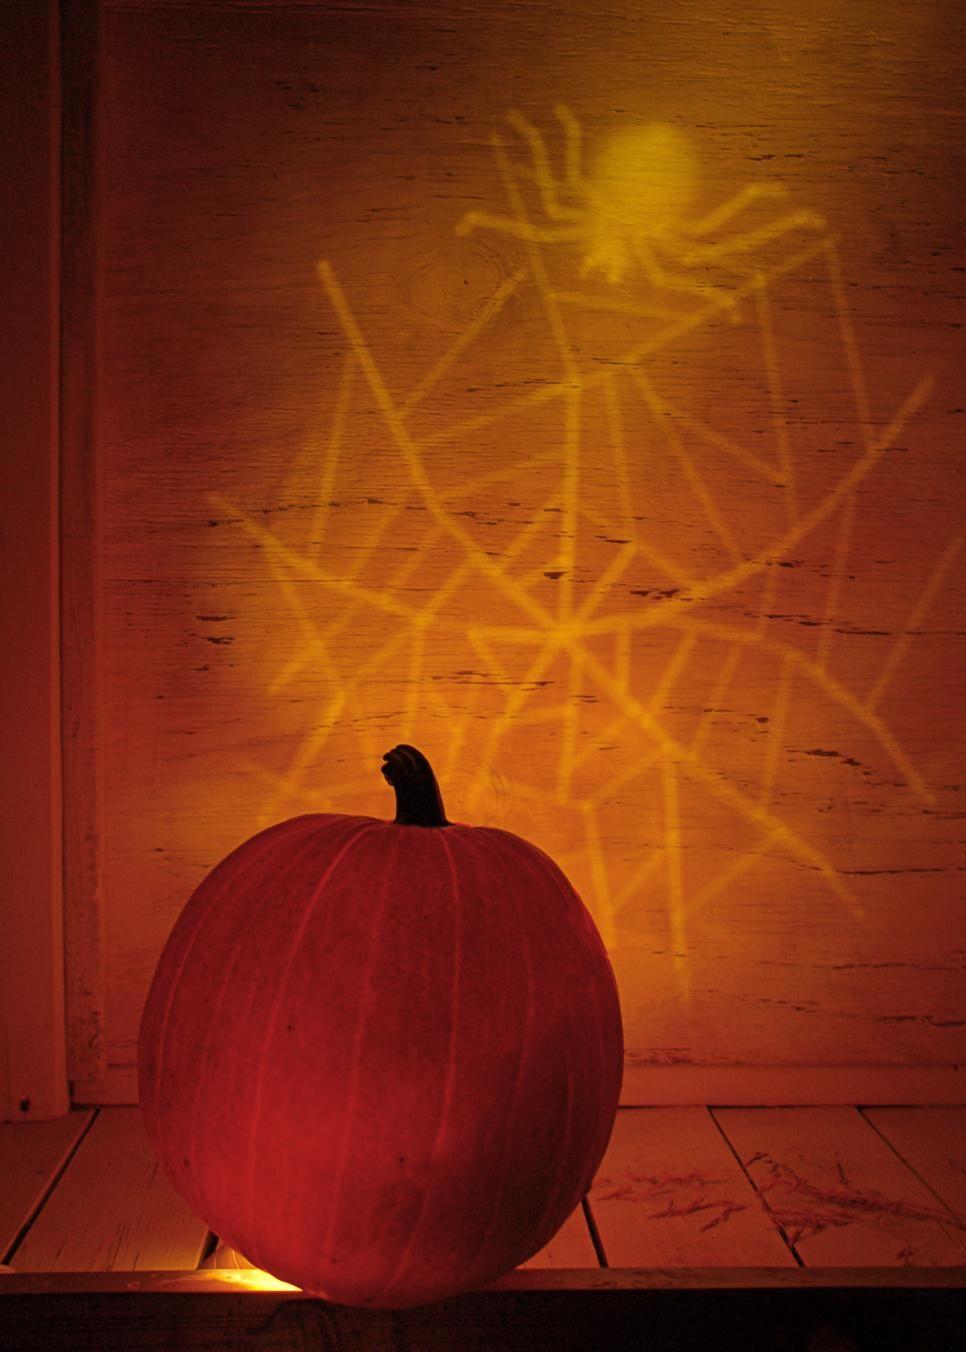 Pumpkin Carving Patterns HGTV Pumpkin carving, Pumpkin